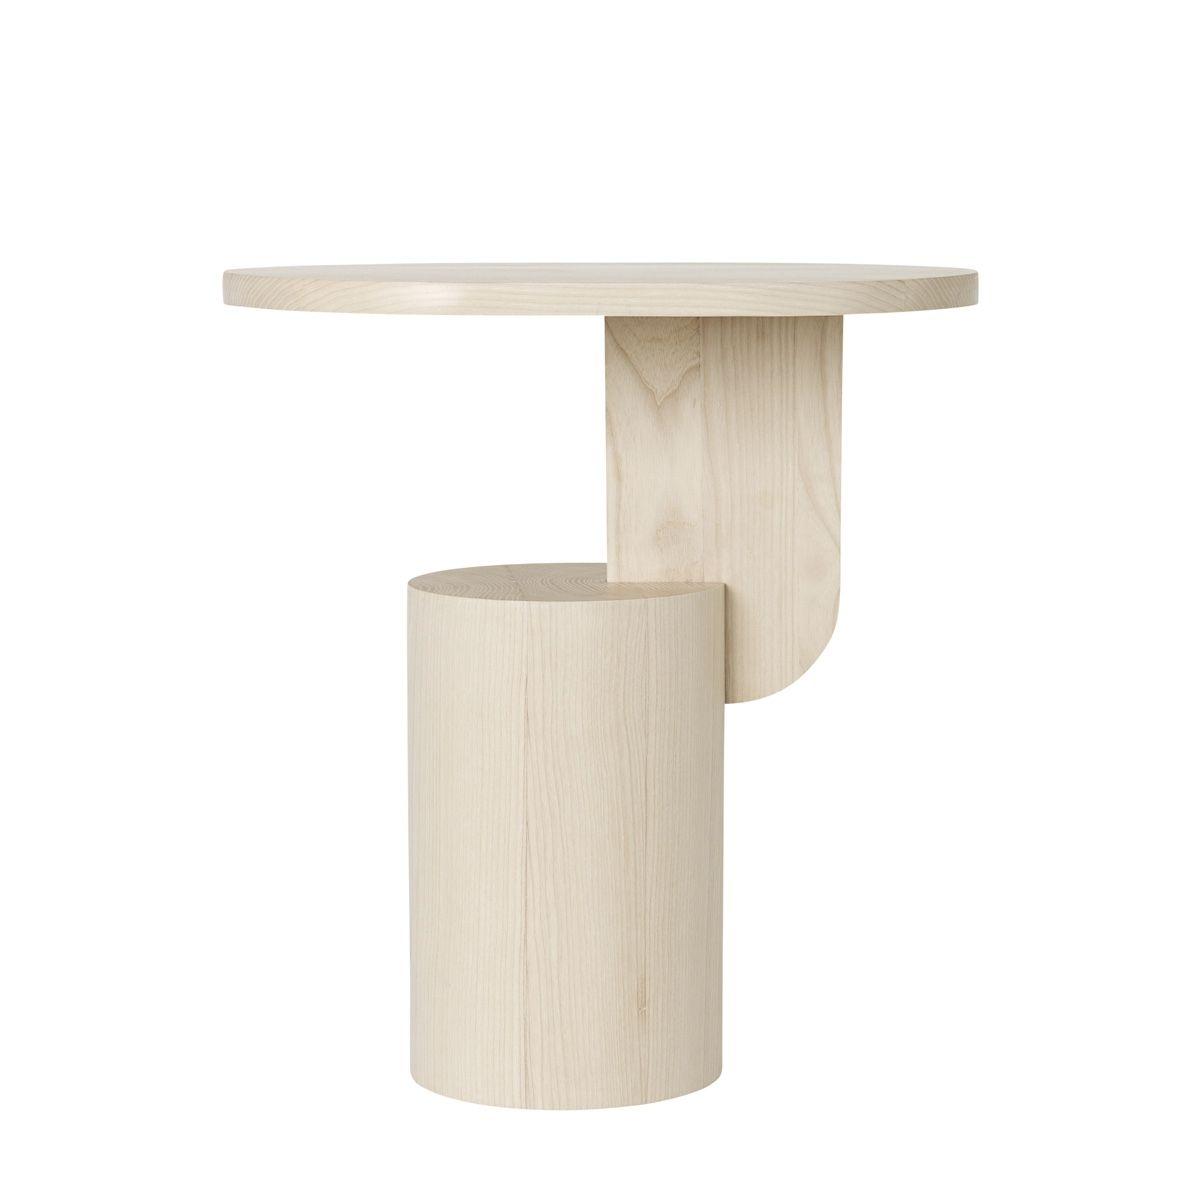 Ferm Living Insert Table